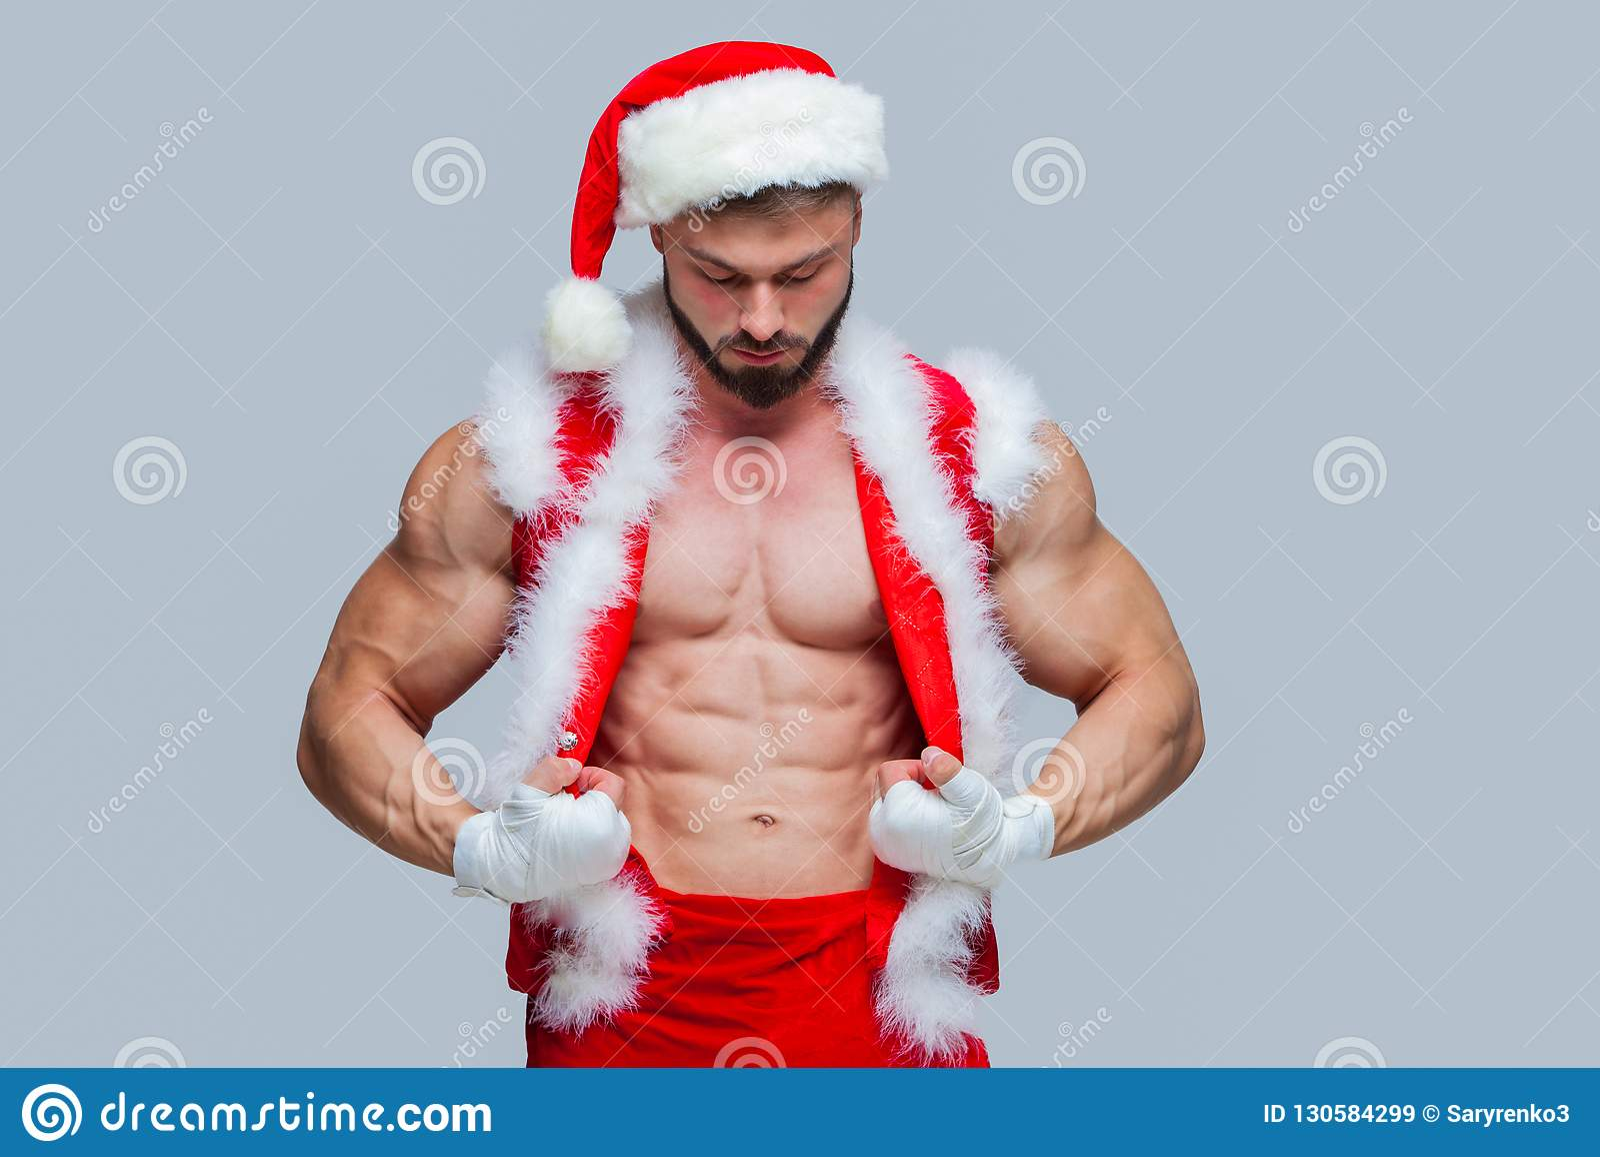 Бойцы-пальцы: Рождество